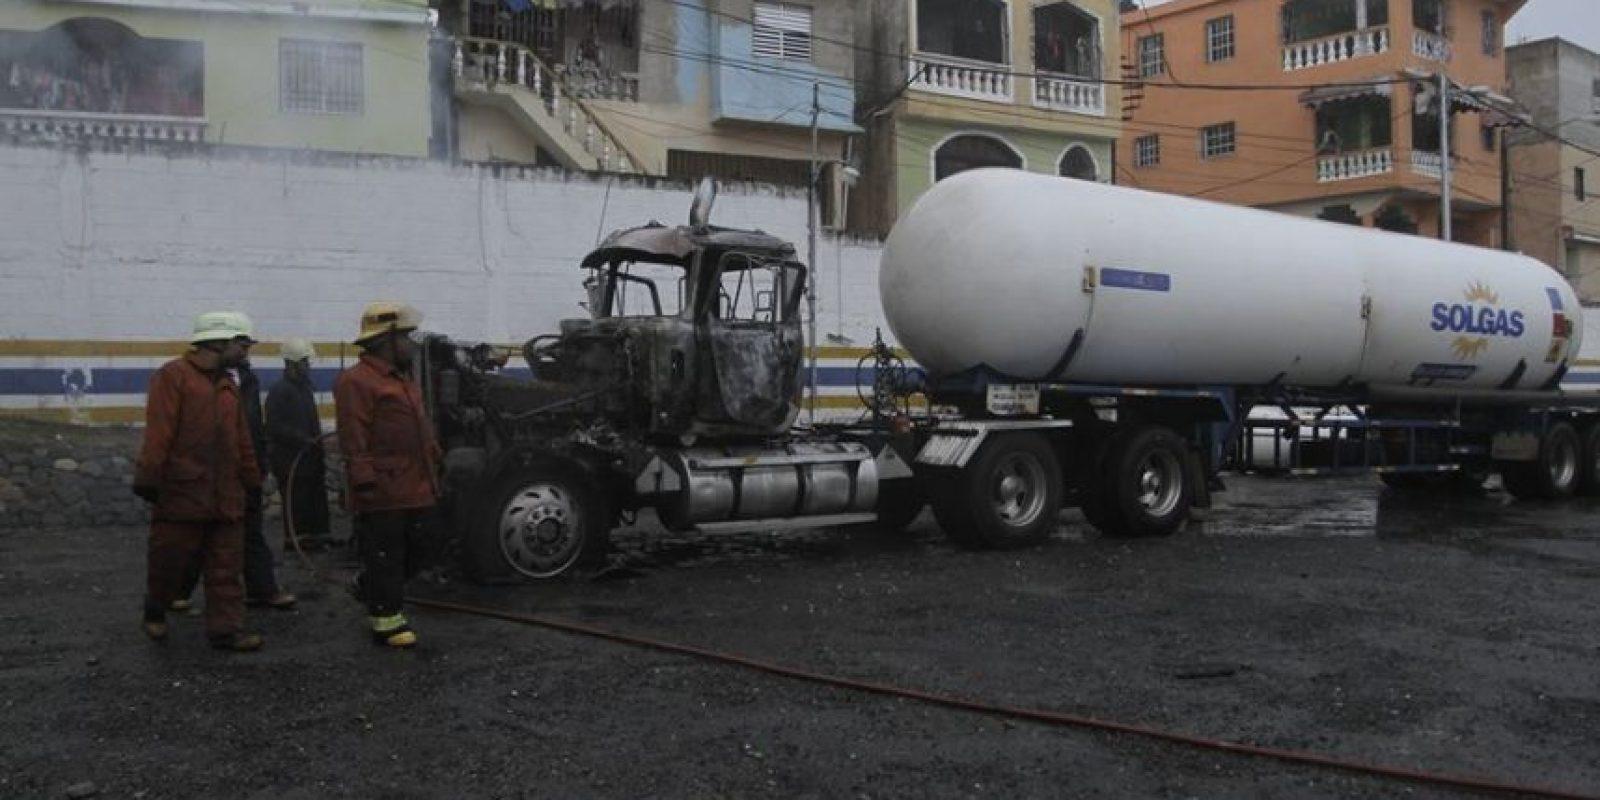 Explosión en envasadora de gas Solgas Foto:Roberto Guzmán